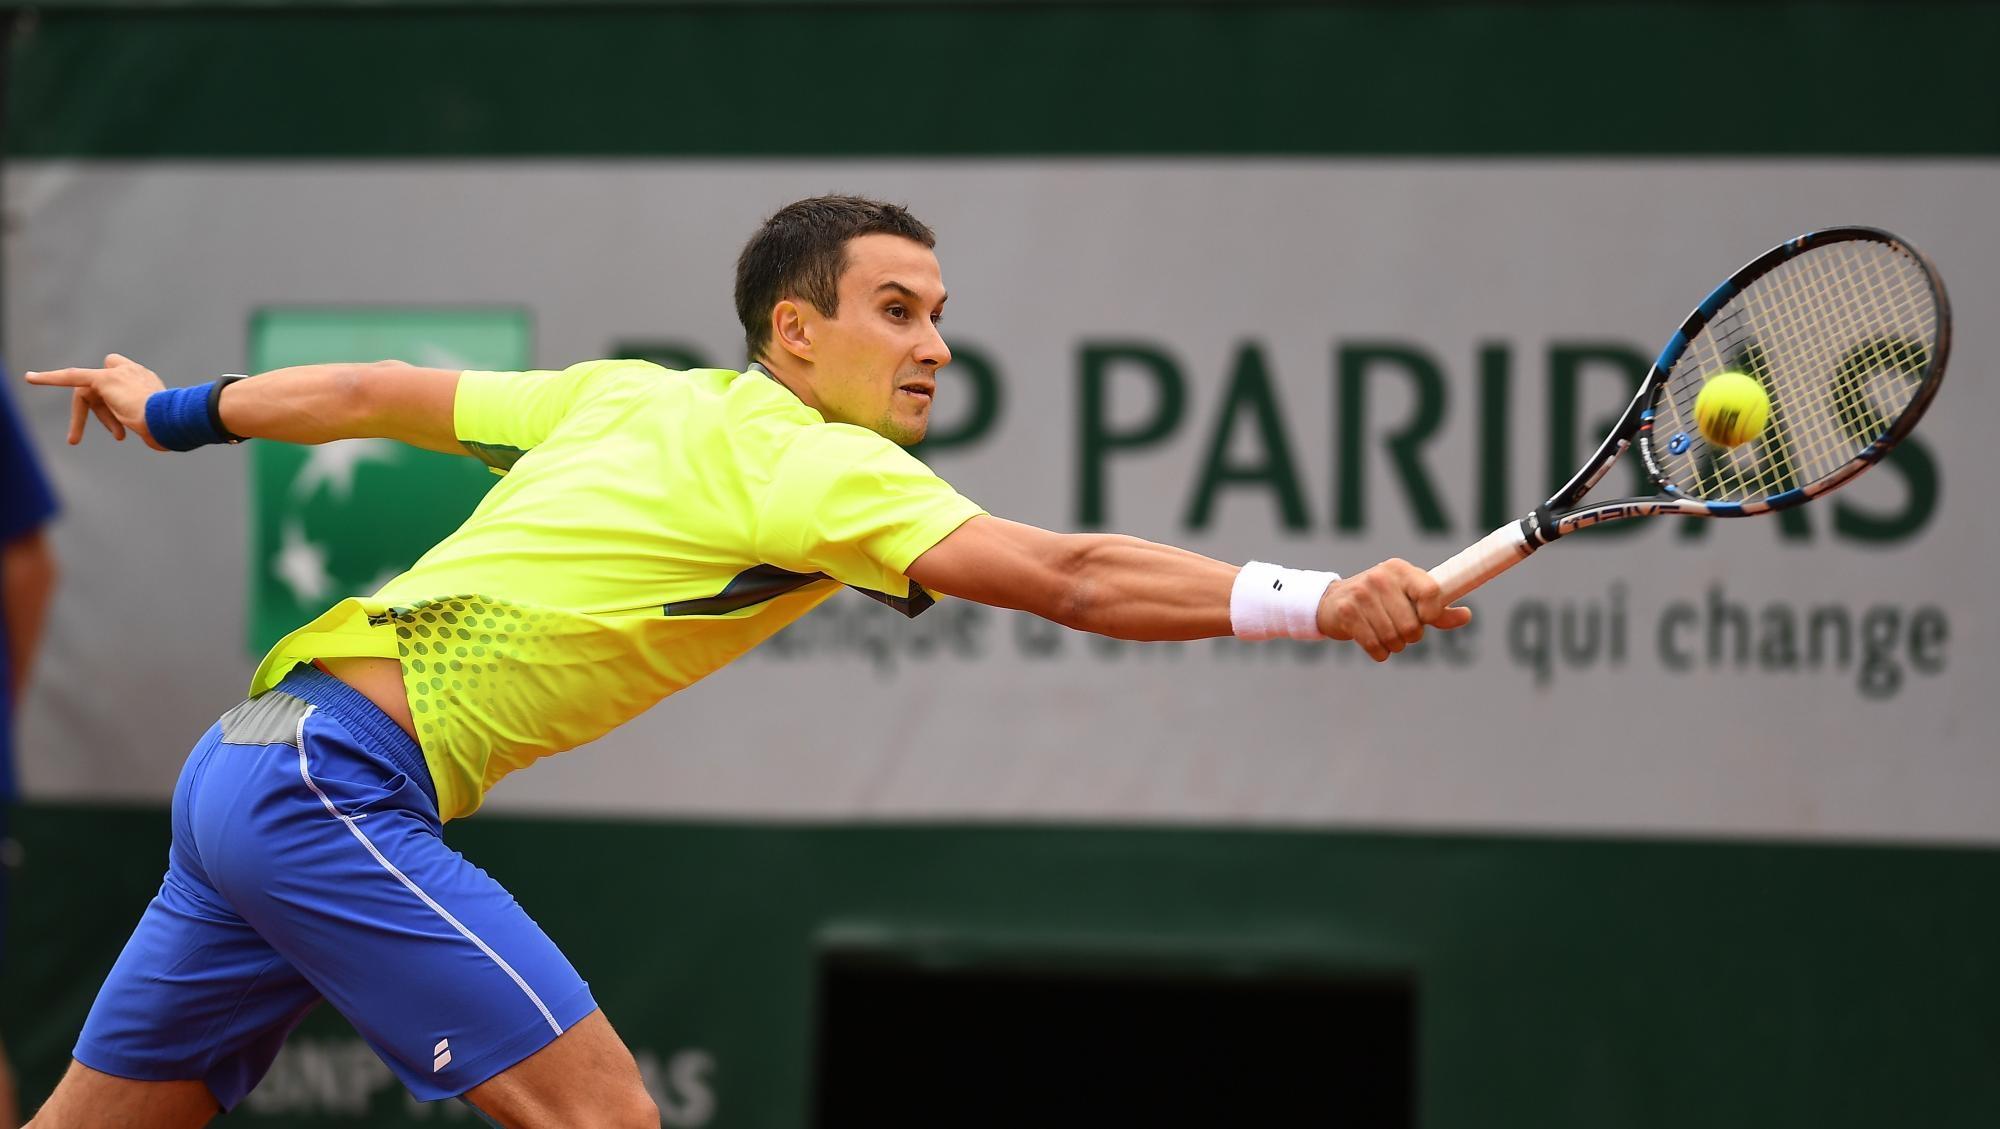 Окажет ли сопротивление Феррер Нисикори На что делать ставки на теннис 17 Мая 2017 Рим, ATP